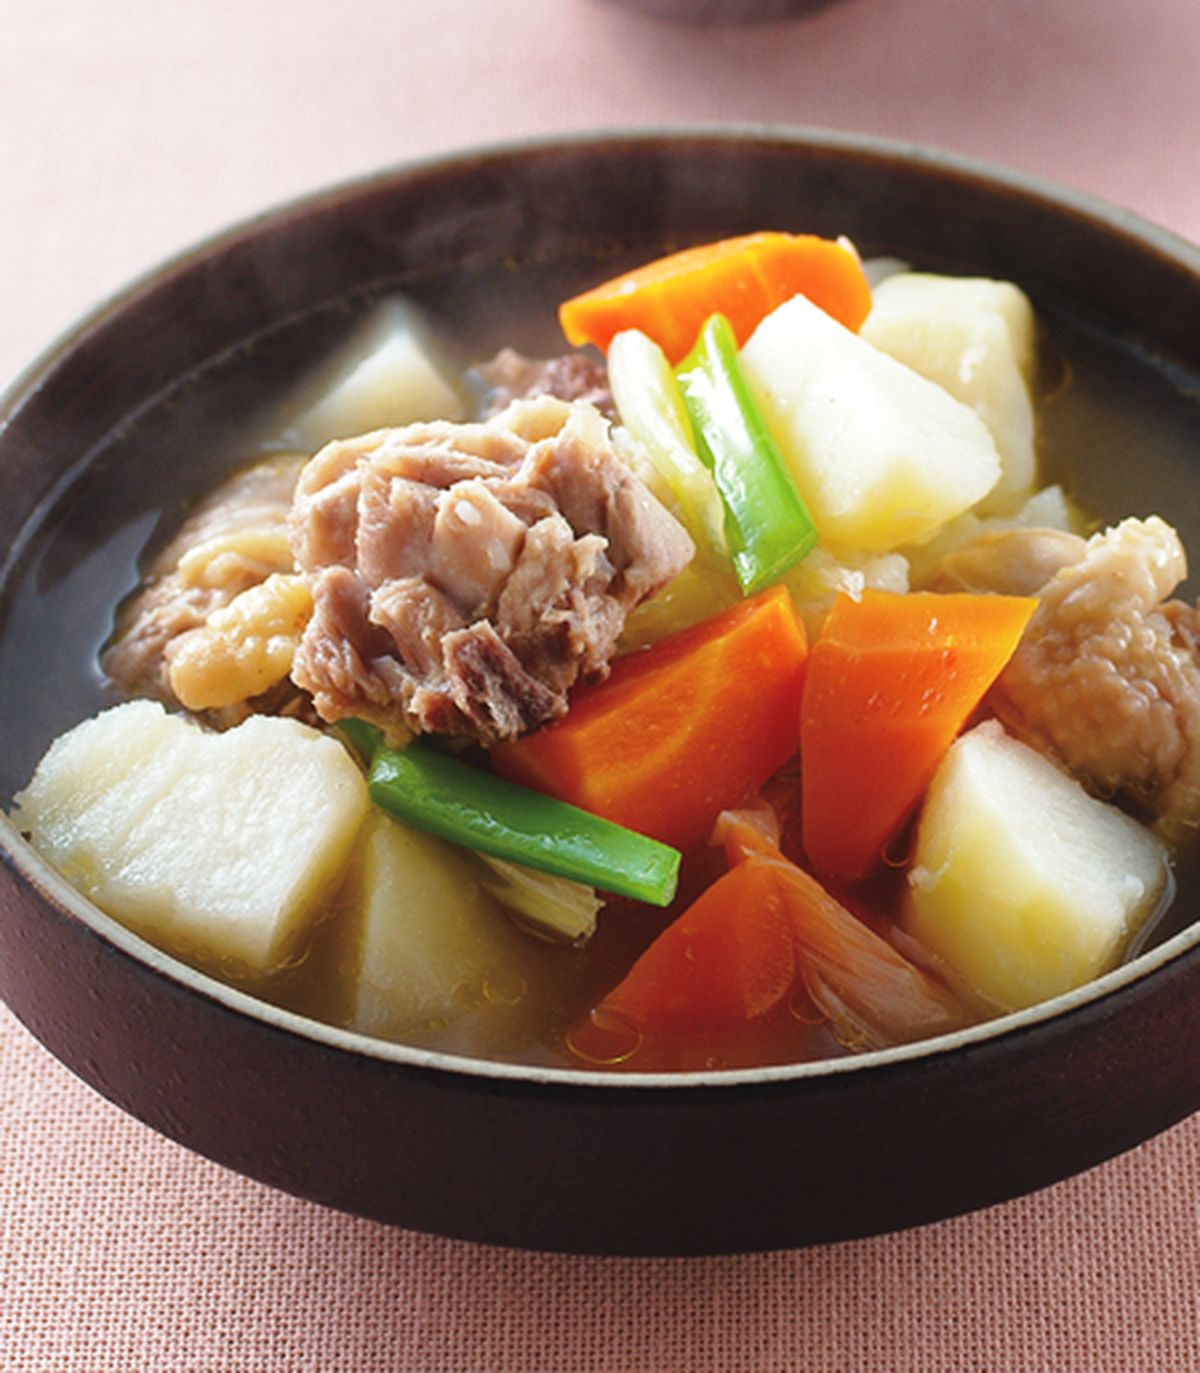 食譜:馬鈴薯燉雞肉